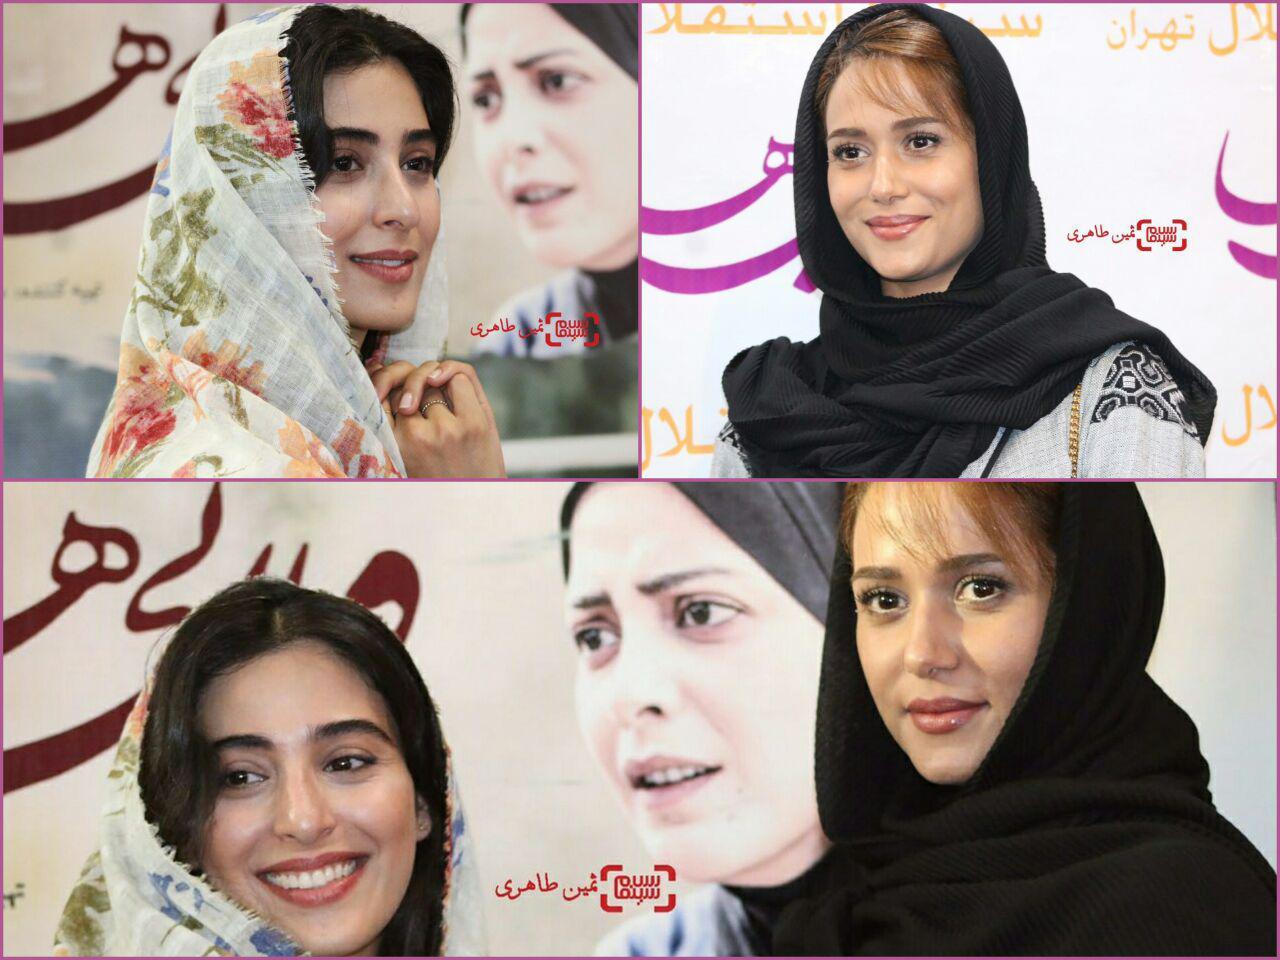 آناهیتا افشار و پریناز ایزدیار در اکران مردمی «ویلایی ها» در سینما استقلال/ گزارش تصویری